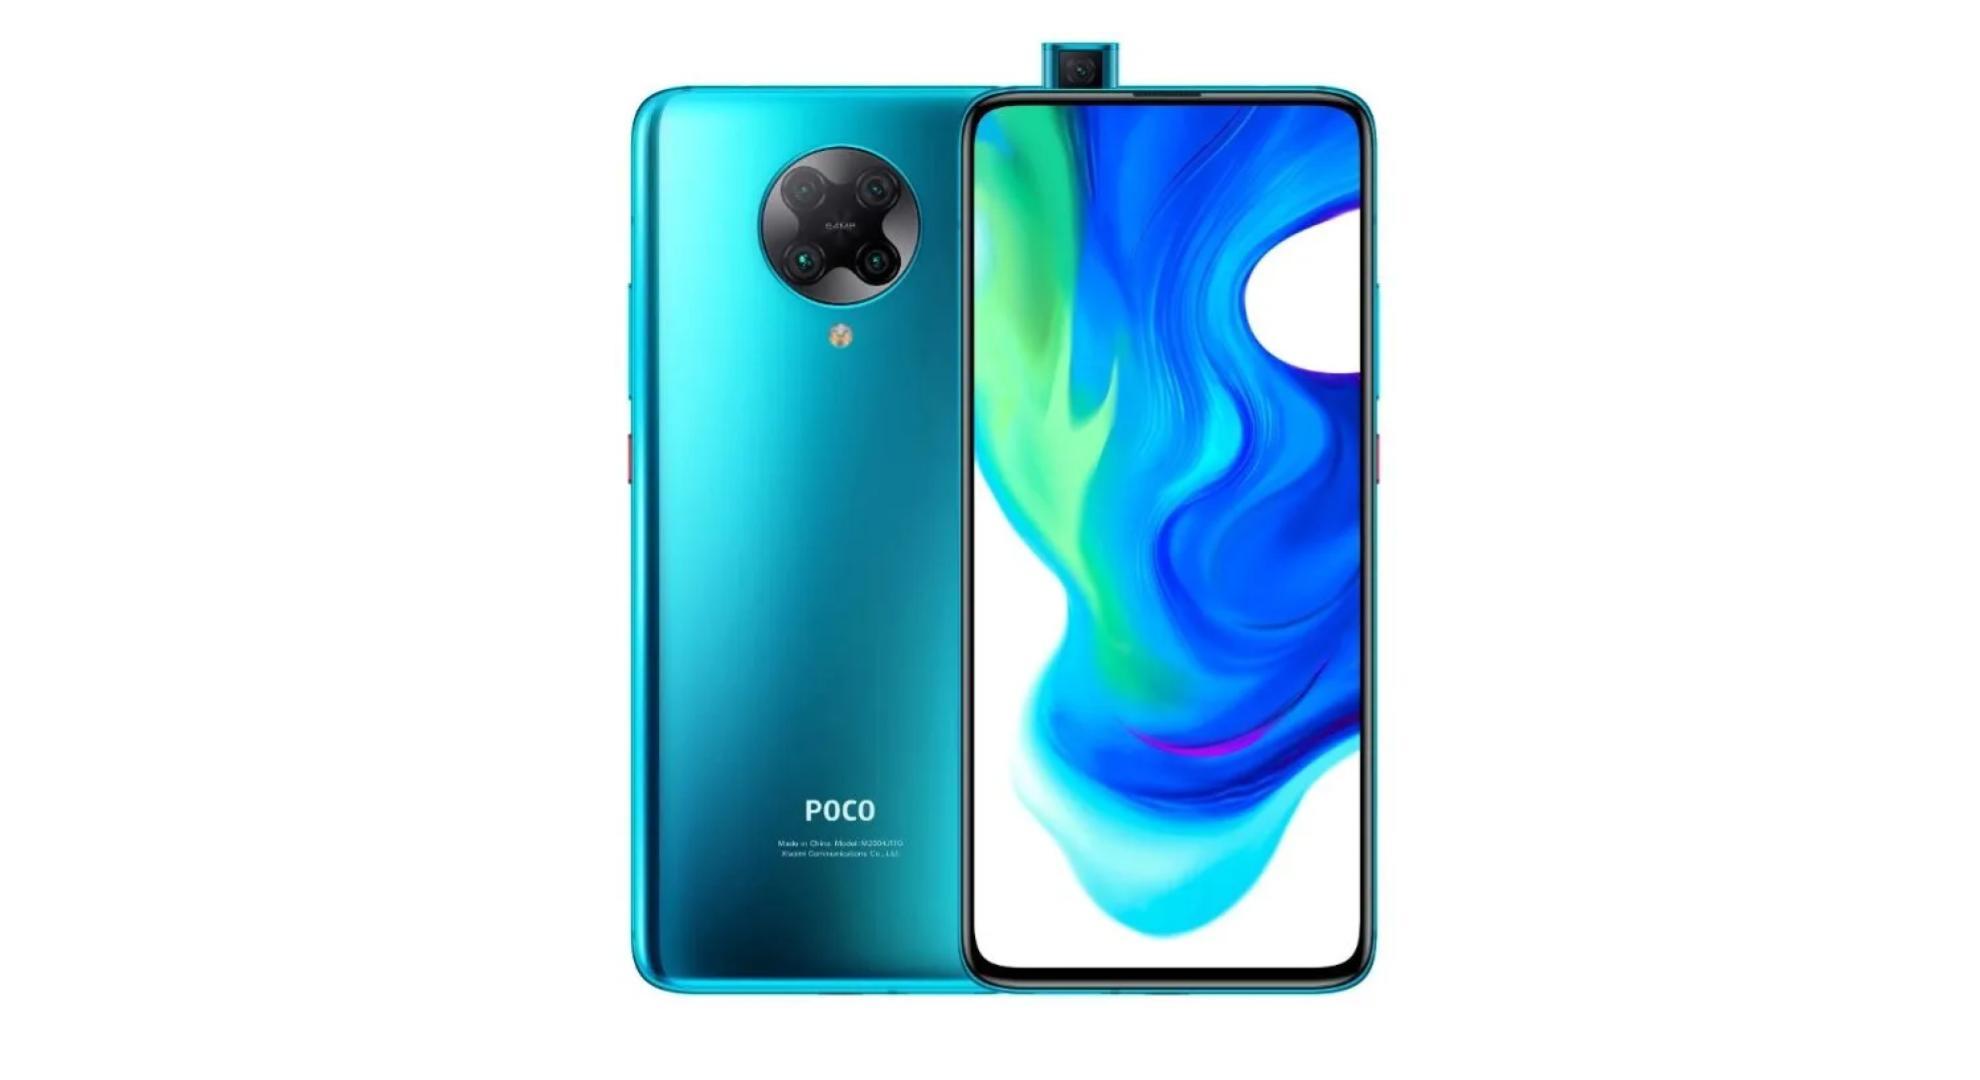 Le Poco F2 Pro passe sous les 350 euros pour les soldes